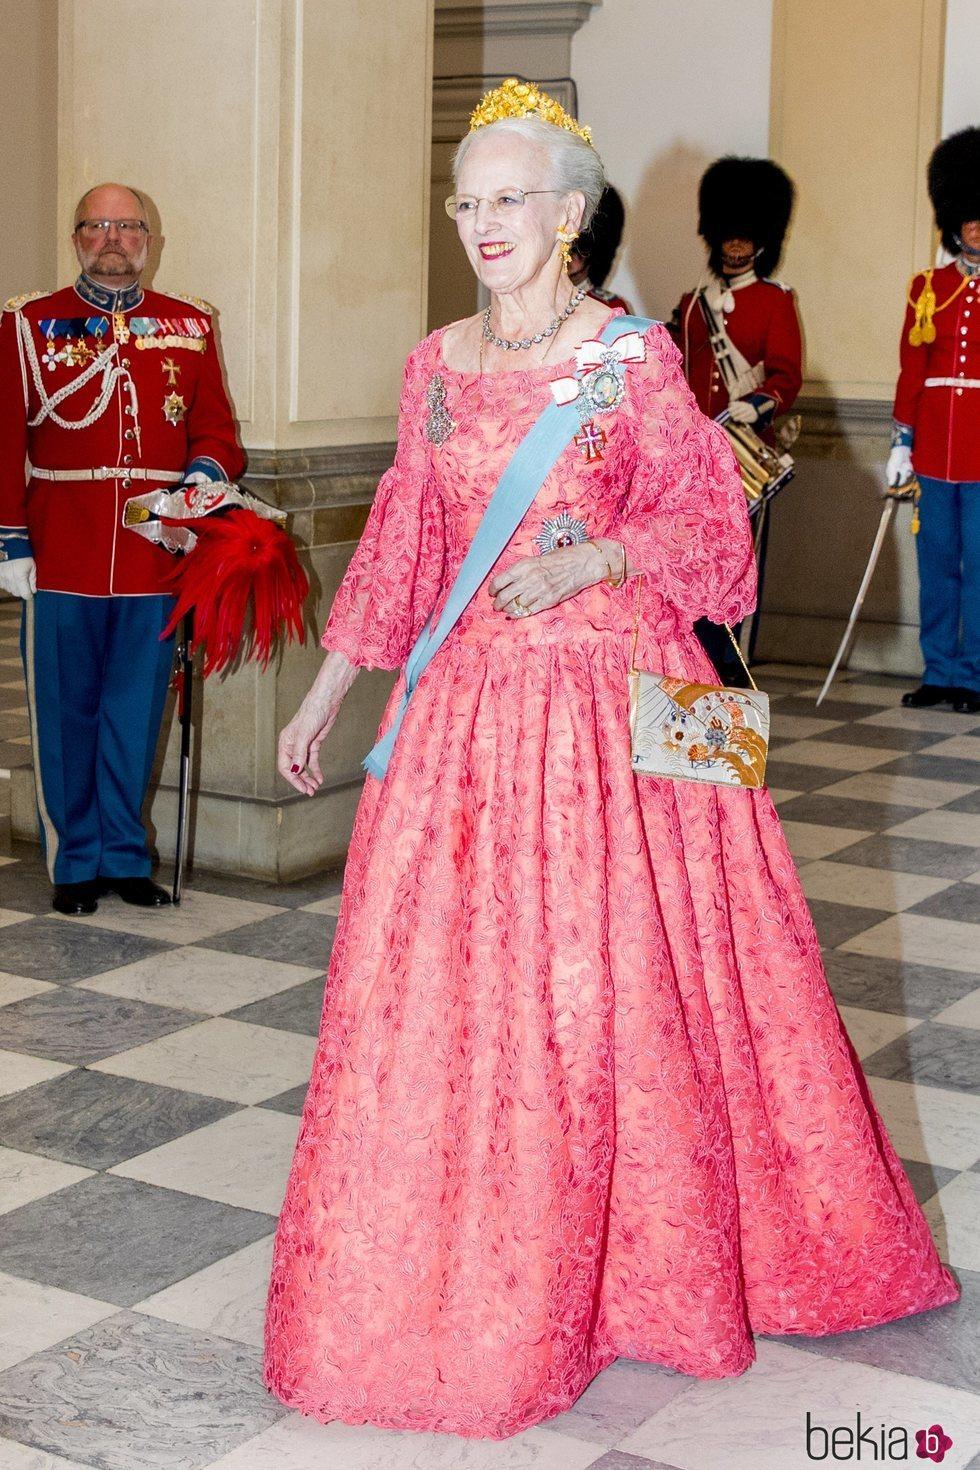 La Reina Margarita de Dinamarca en la cena de gala del 50 cumpleaños de Federico de Dinamarca